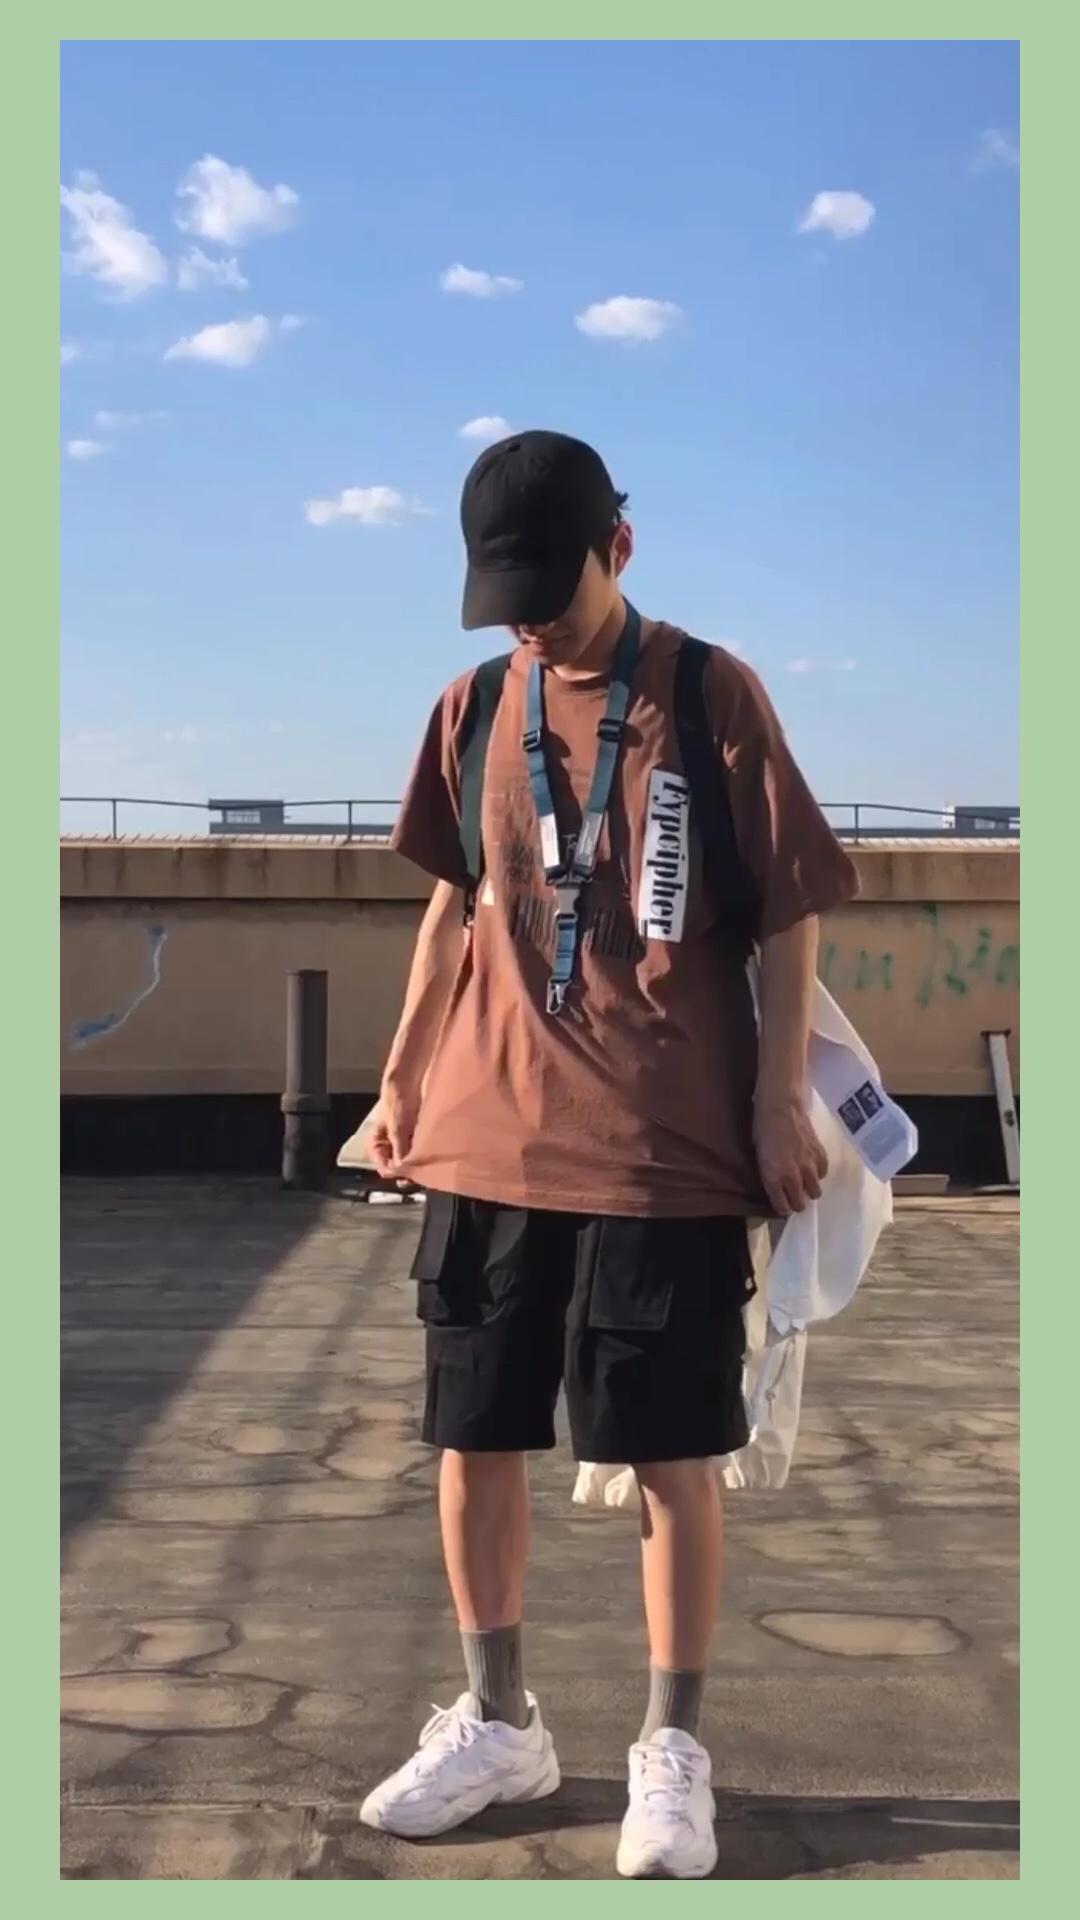 这套搭配可玩性比较高,也具有实用性,衣服我选了一个咖啡色的T恤,搭配了这种绿色的卡扣挂绳,这个挂绳能很好的增添上半身的细节,同时也可以挂一些钥匙之类的小物件。后面背的是一个宽松的外套,设计了两条背带,可以在天气热的时候背着,比较适合温差较大的地区。裤子是一个具有多种口袋的工装短裤,裁剪设计我比较喜欢,也很实用,能放一些小零件。夏季单品相对较简单,大家可以靠一些搭配增加细节刻画。 #这么穿,街拍小哥追你跑!#